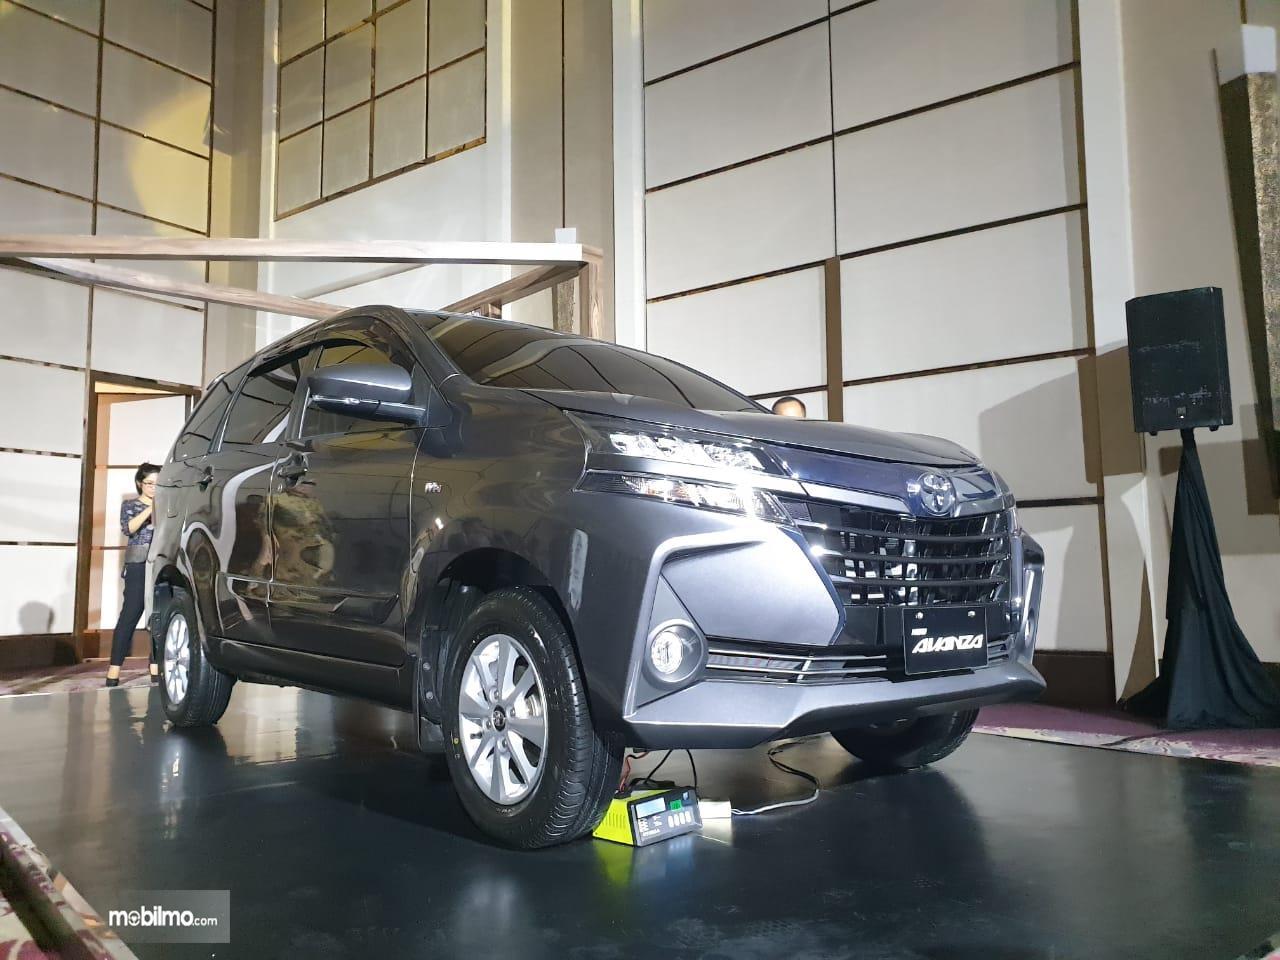 Mobil  New Toyota Avanza 1.3 G A/T 2019 berwarna hitam dilihat dari sisi depan